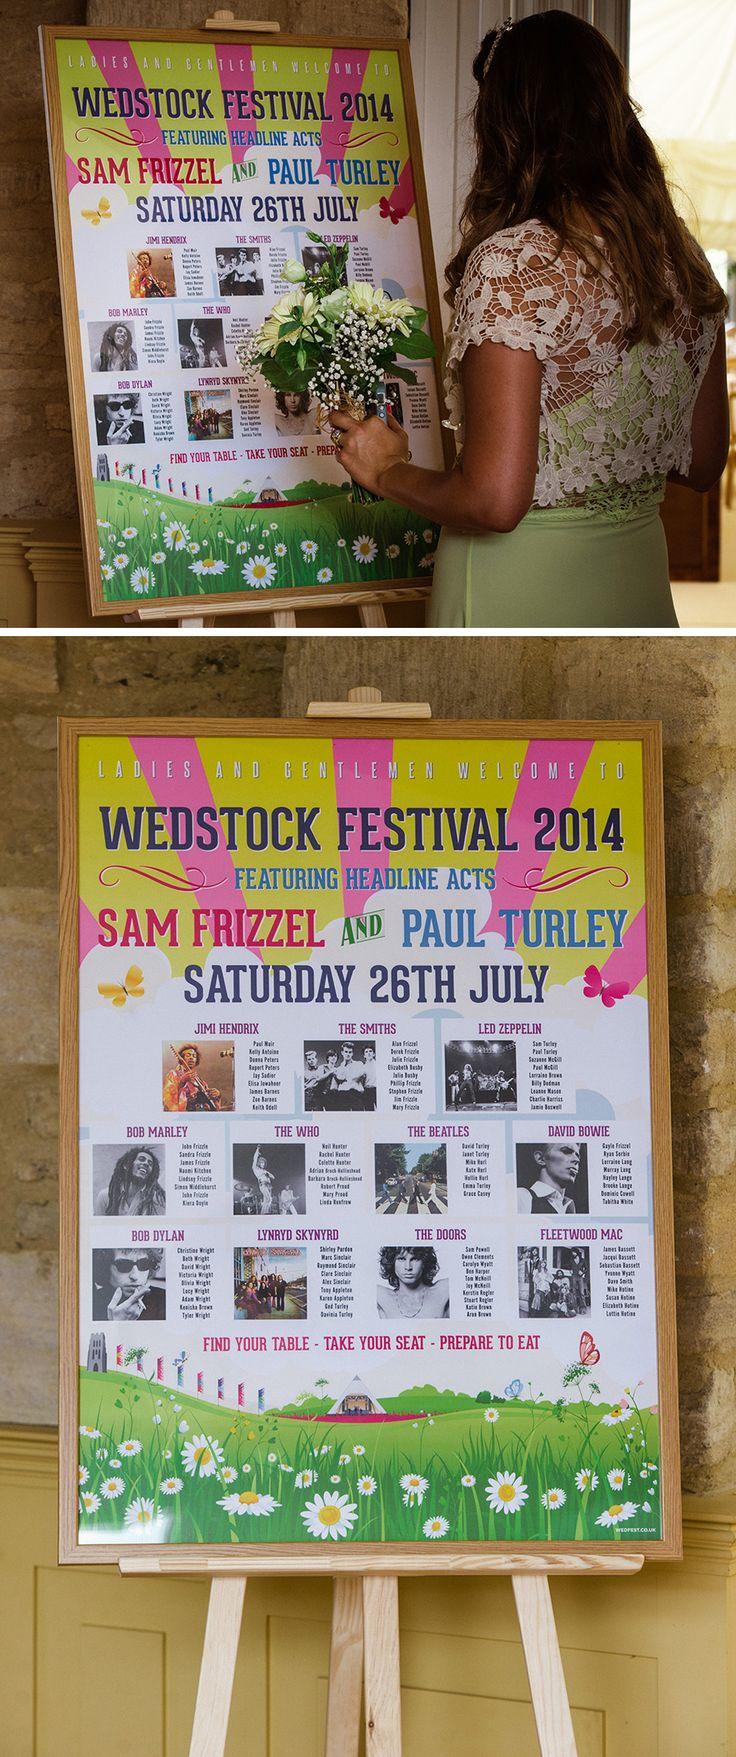 wedstock festival wedding table plan http://www.wedfest.co/sam-pauls-wedstock-music-festival-wedding/